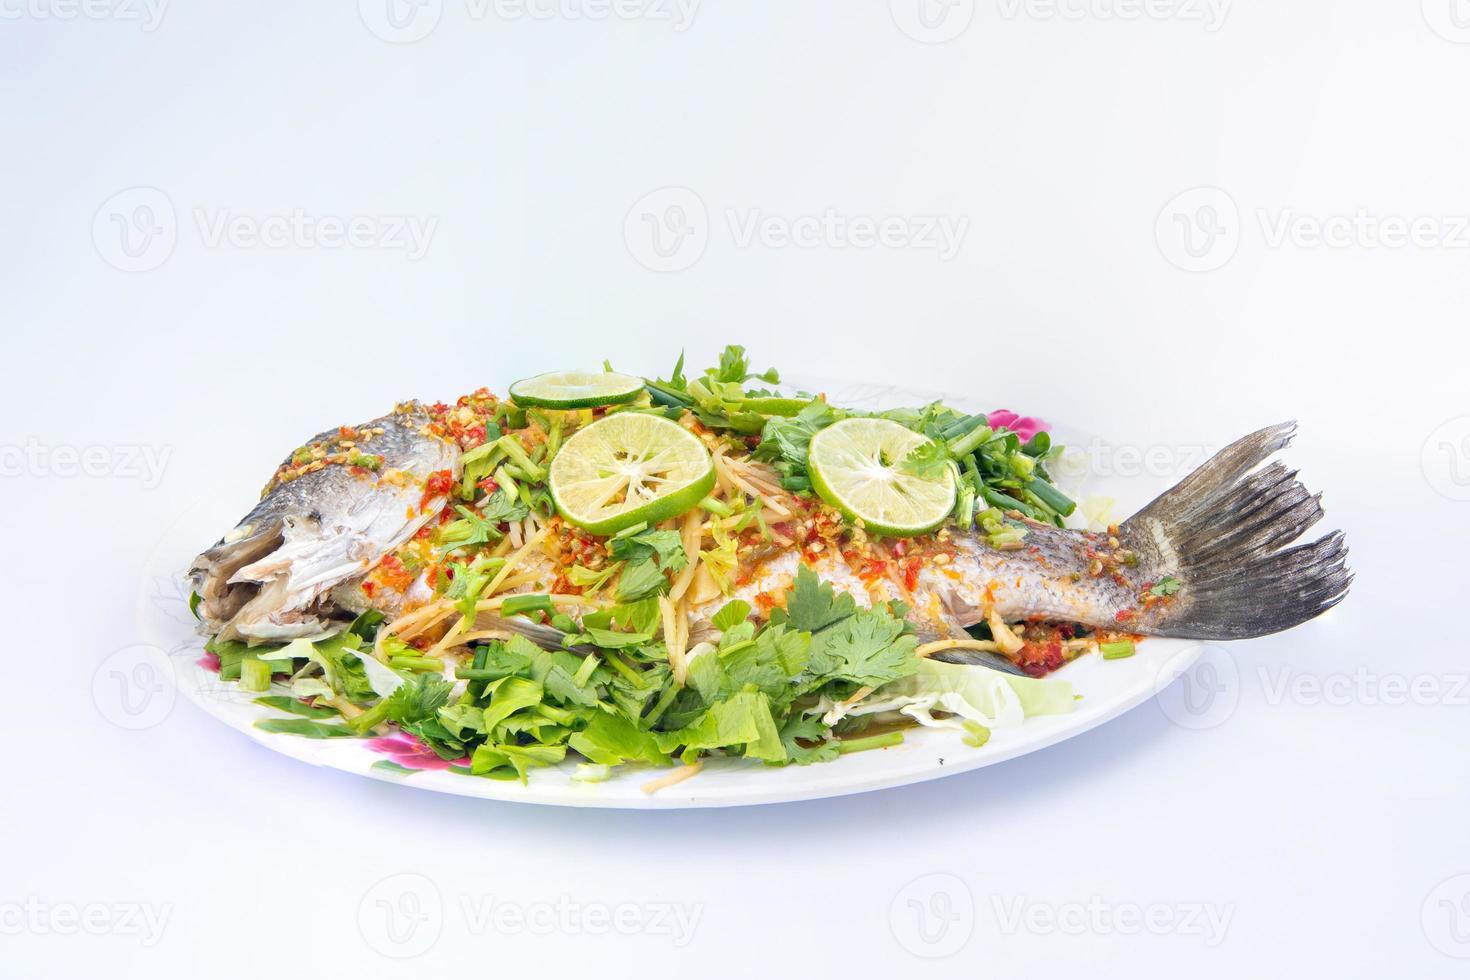 branzino al vapore al limone sul piatto isolato su sfondo bianco foto